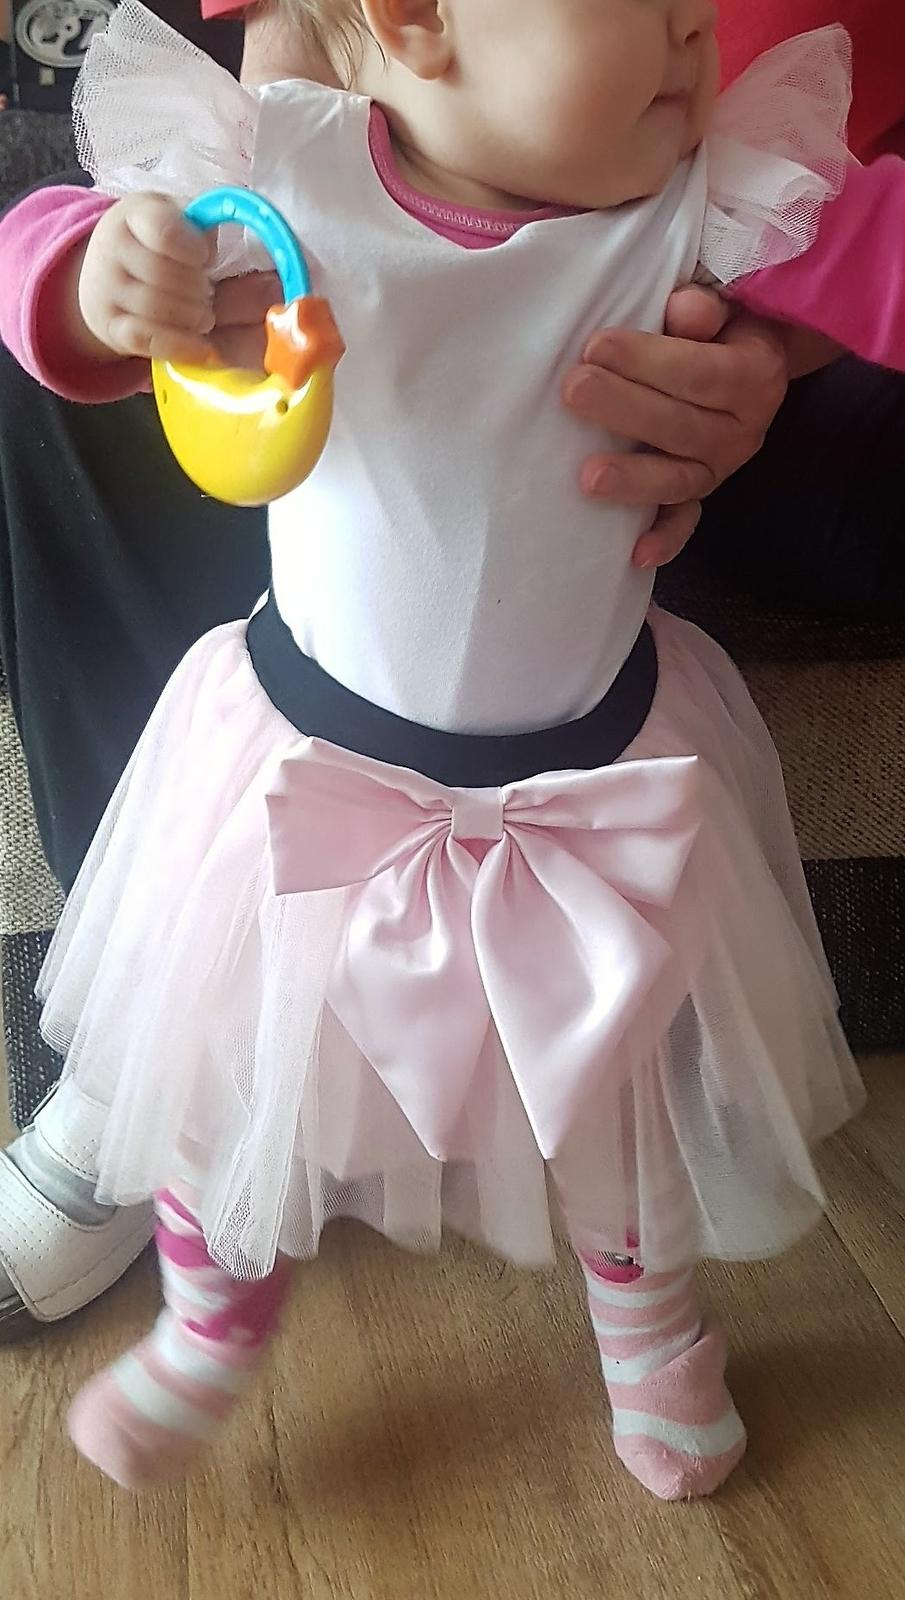 Tričko s rukávky TUTU tylové růžové a bílé  - Obrázek č. 3